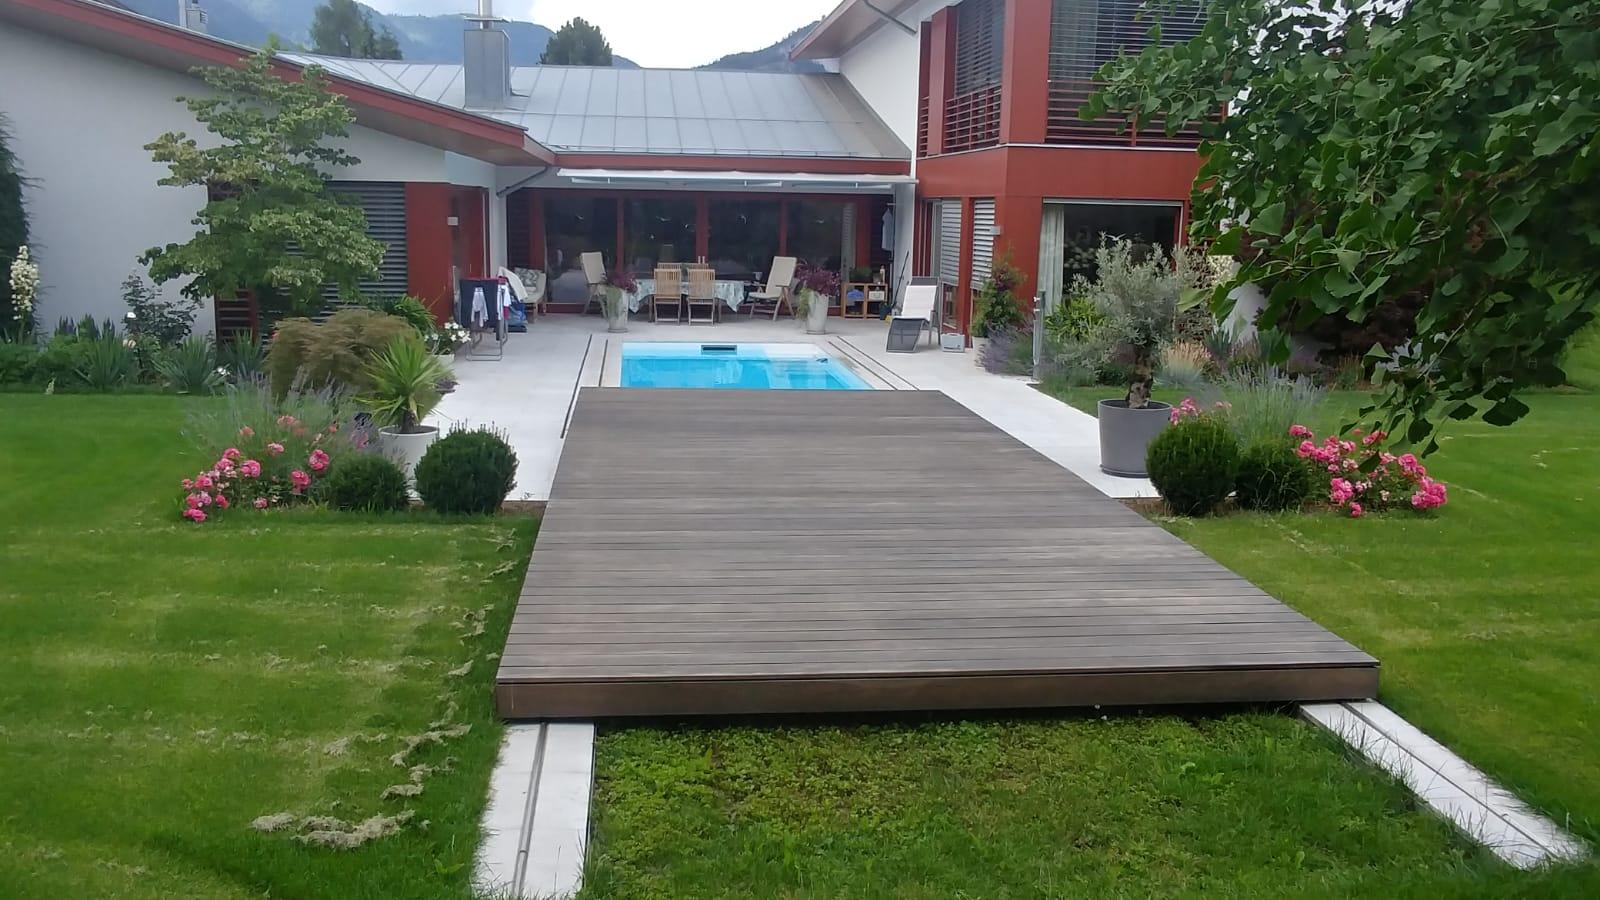 Referenz - Schwimmbadbauer Tirol